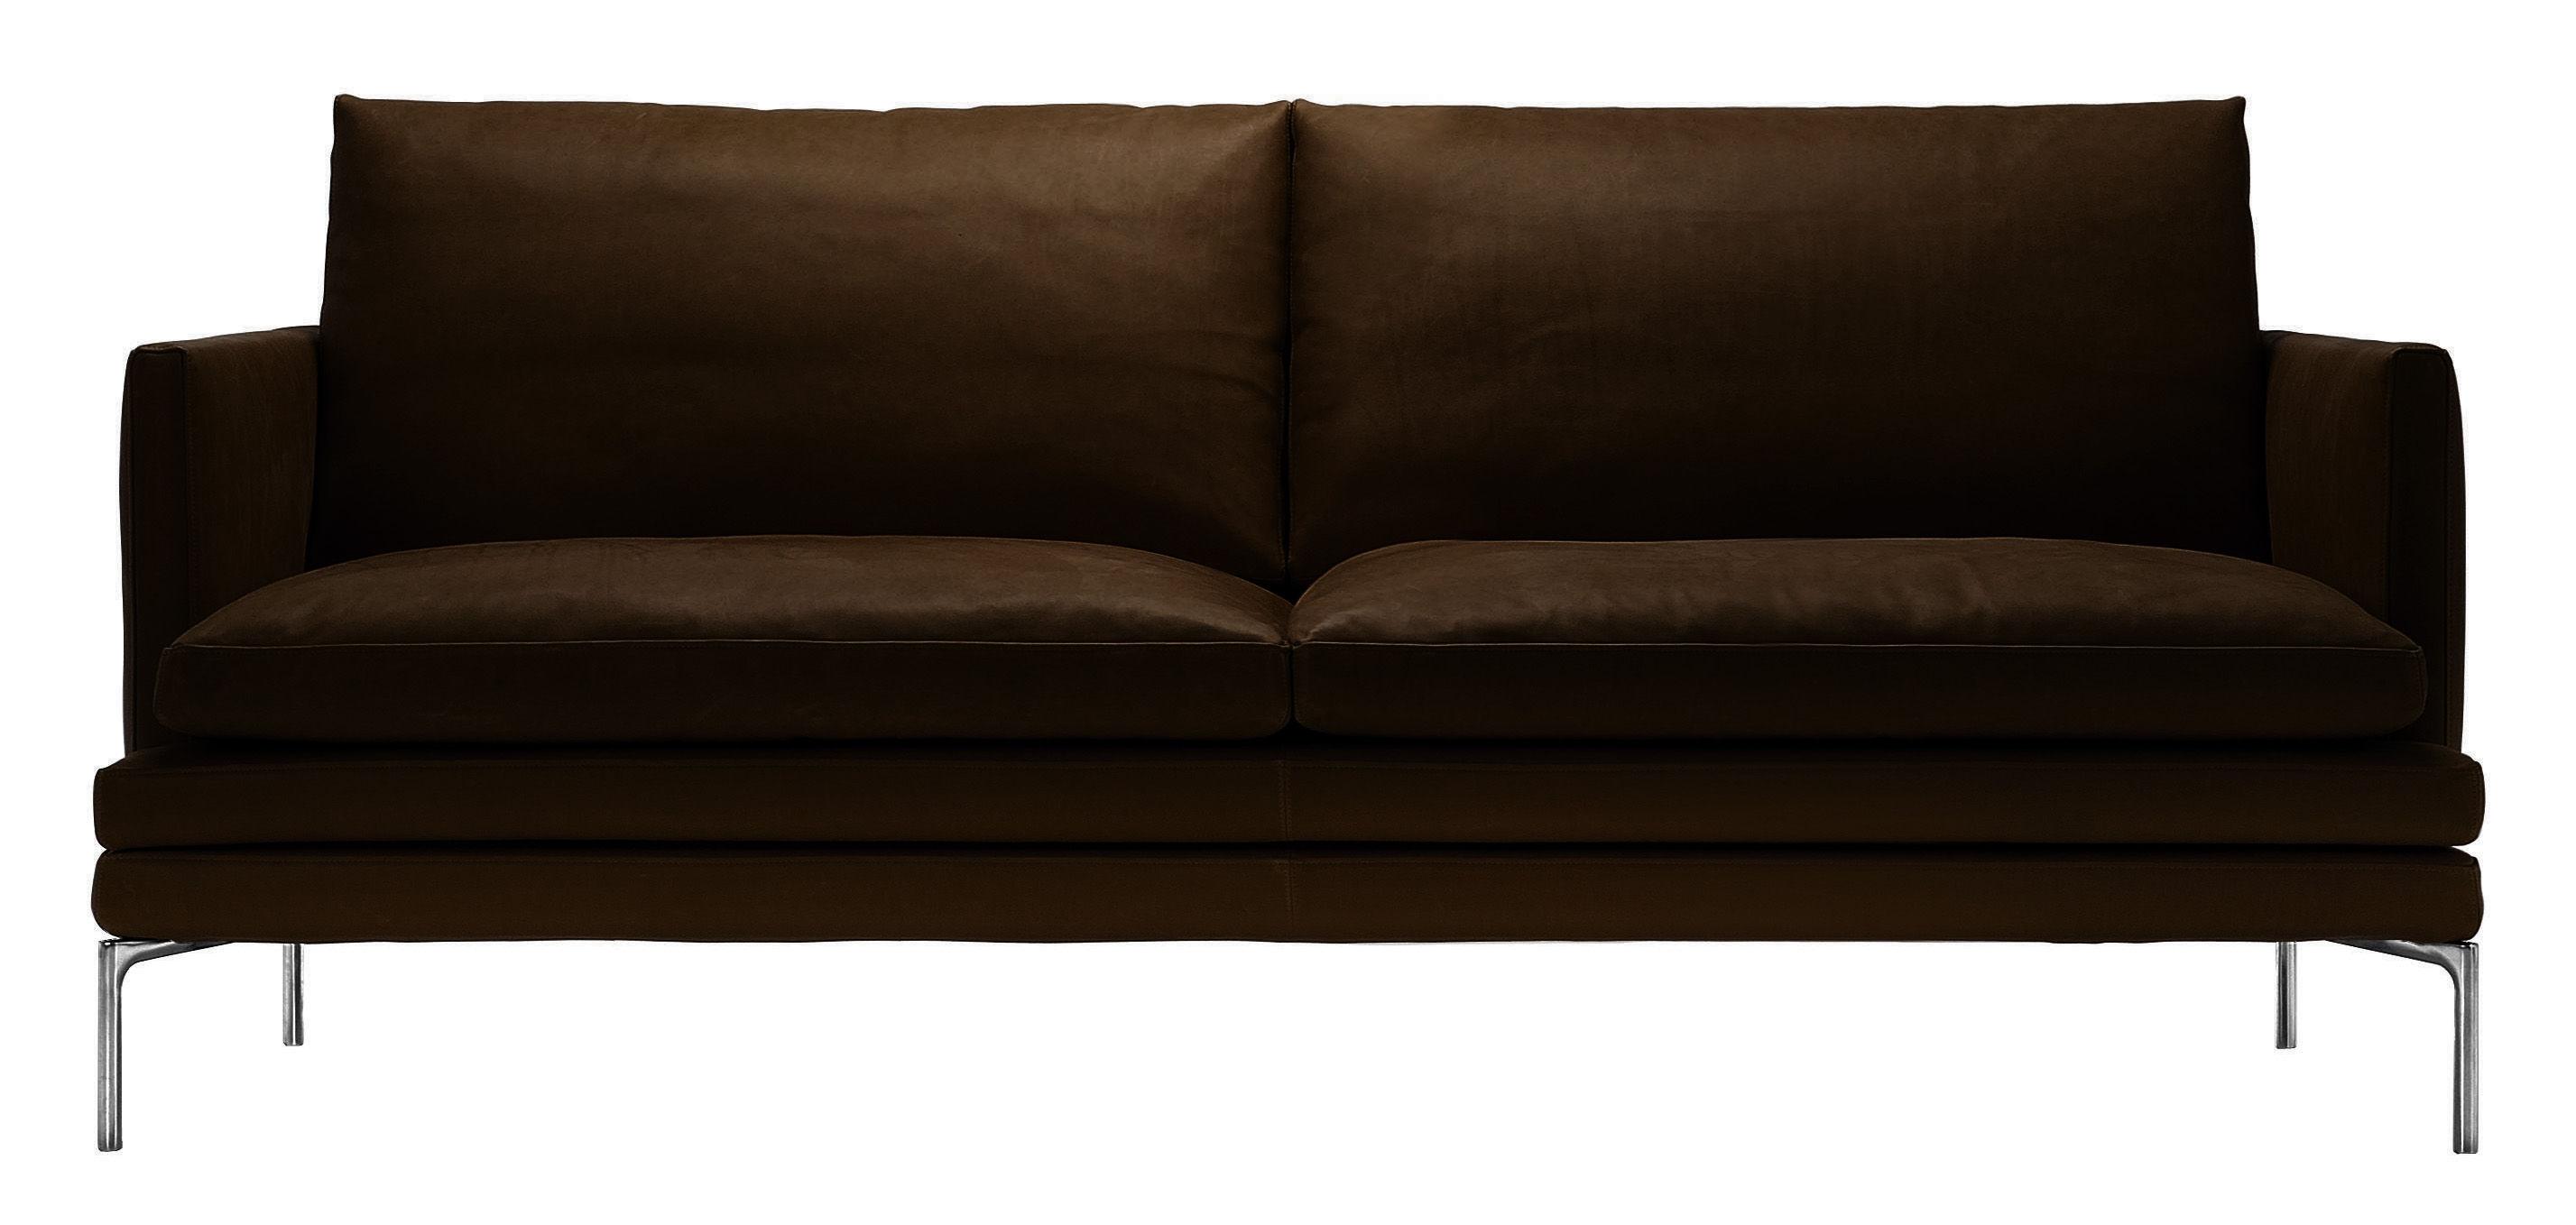 Mobilier - Canapés - Canapé droit William / Cuir - 2 places - L 180 cm - Zanotta - Marron foncé - Aluminium poli, Cuir